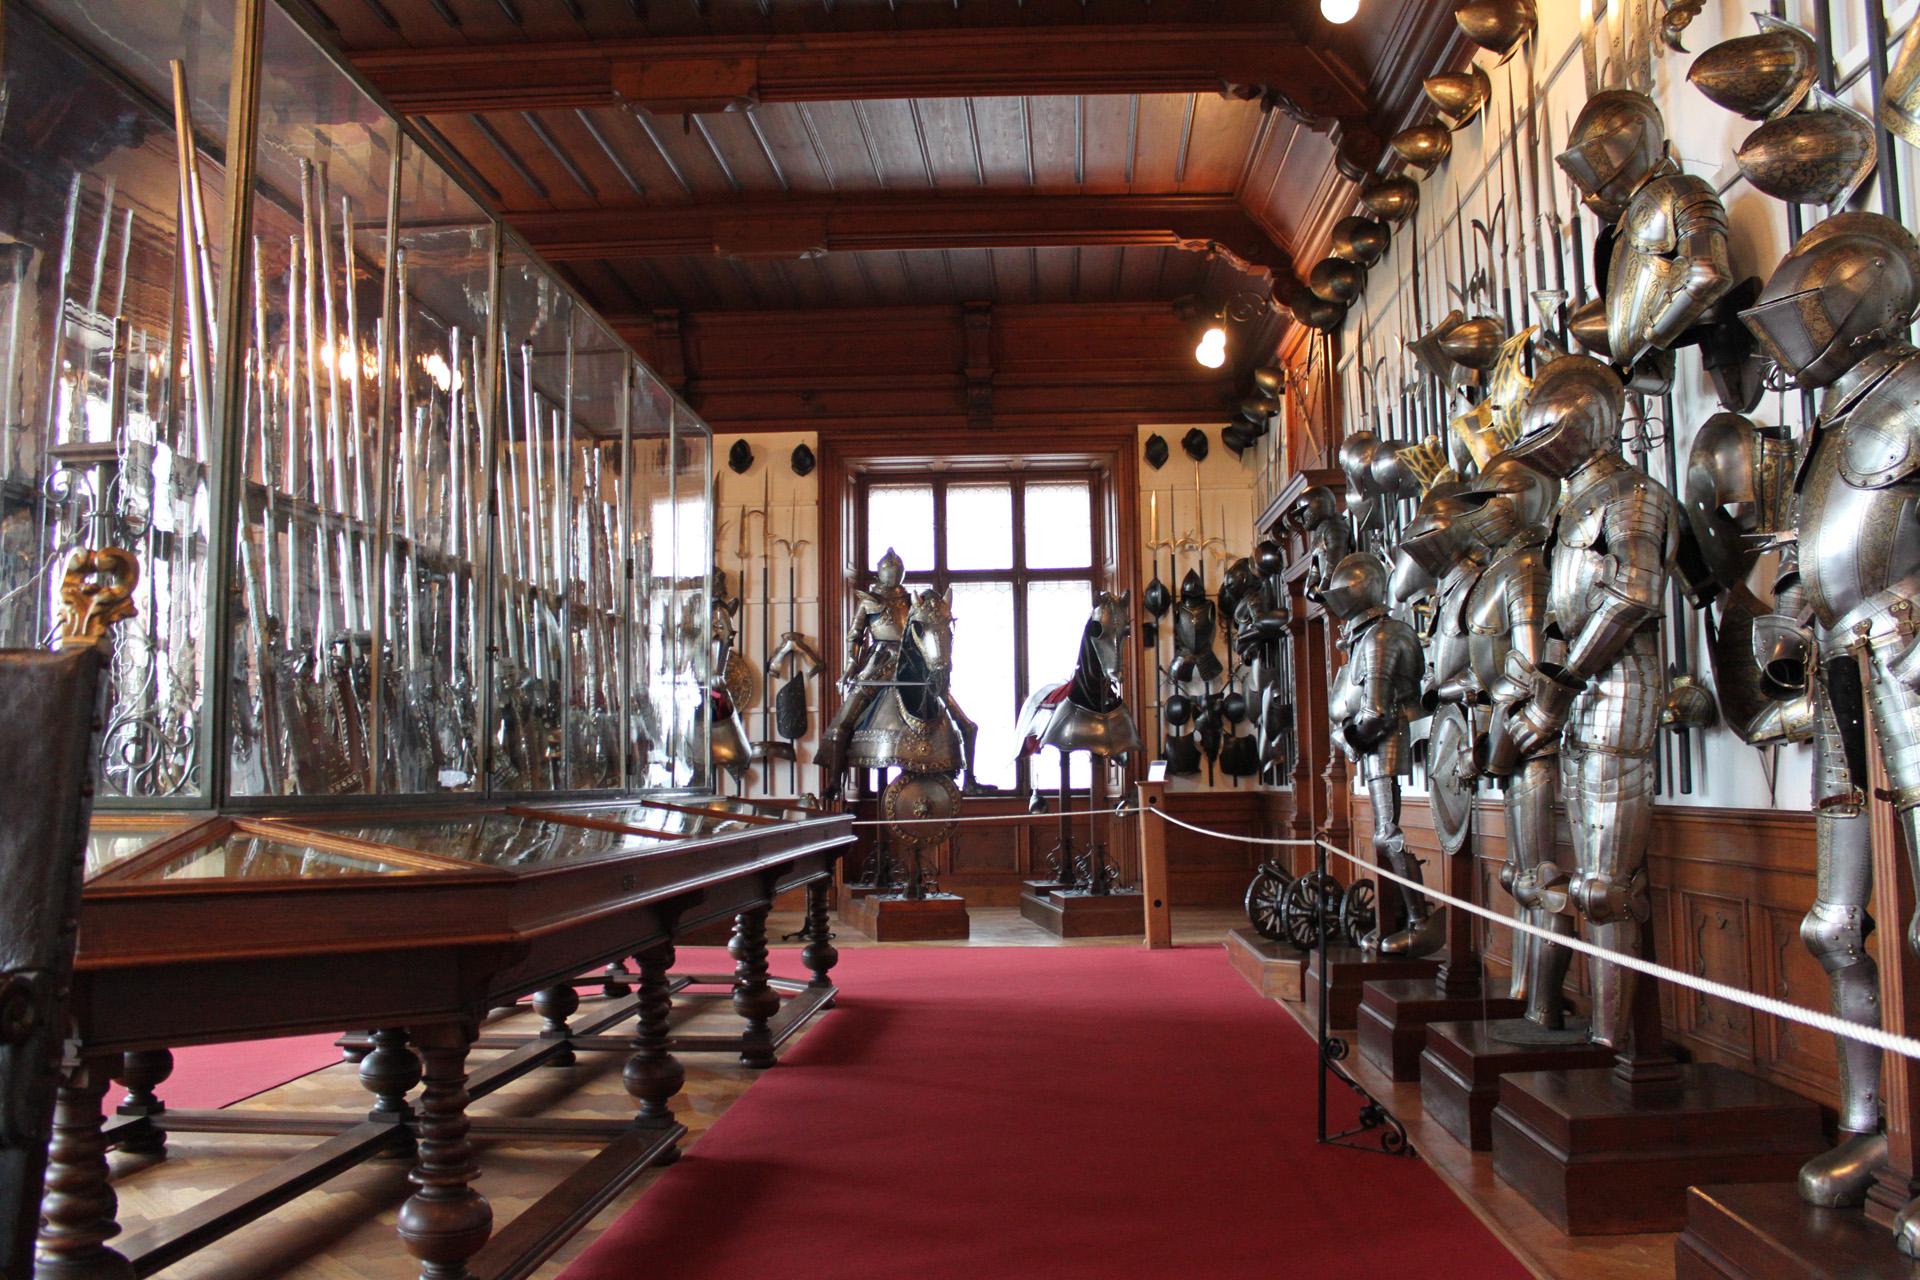 Коллекция оружия в замке Конопиште